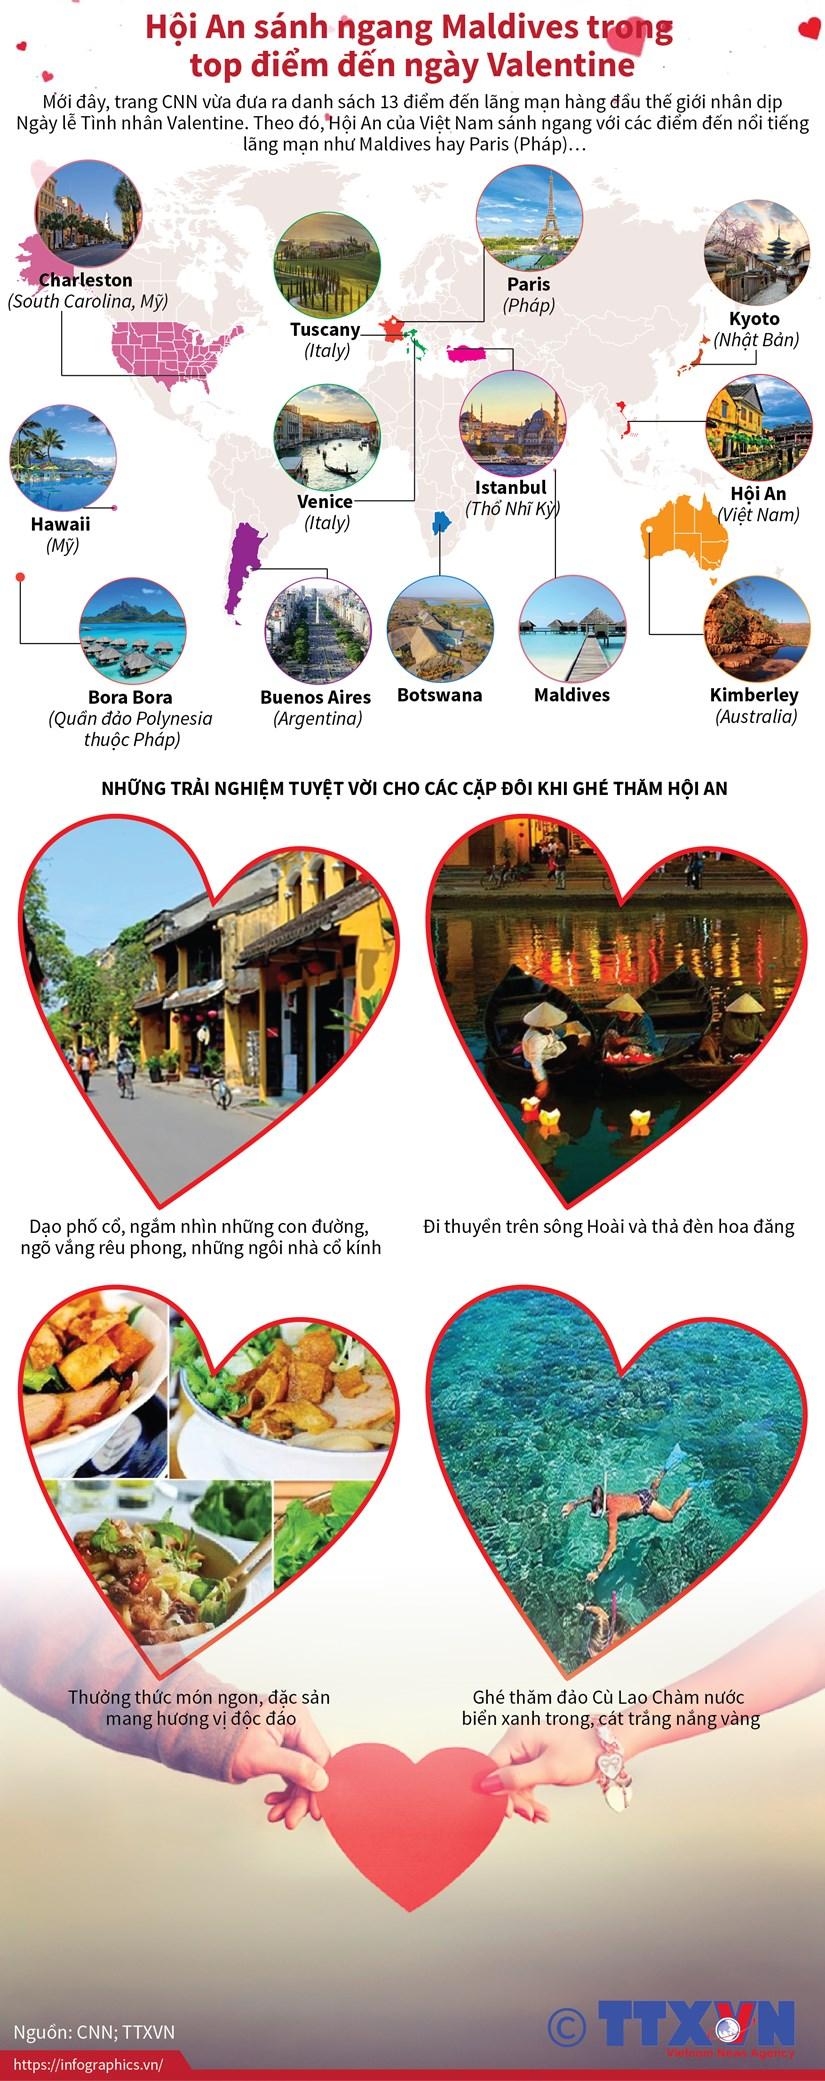 Hoi An sanh ngang Maldives trong top diem den ngay Valentine hinh anh 1